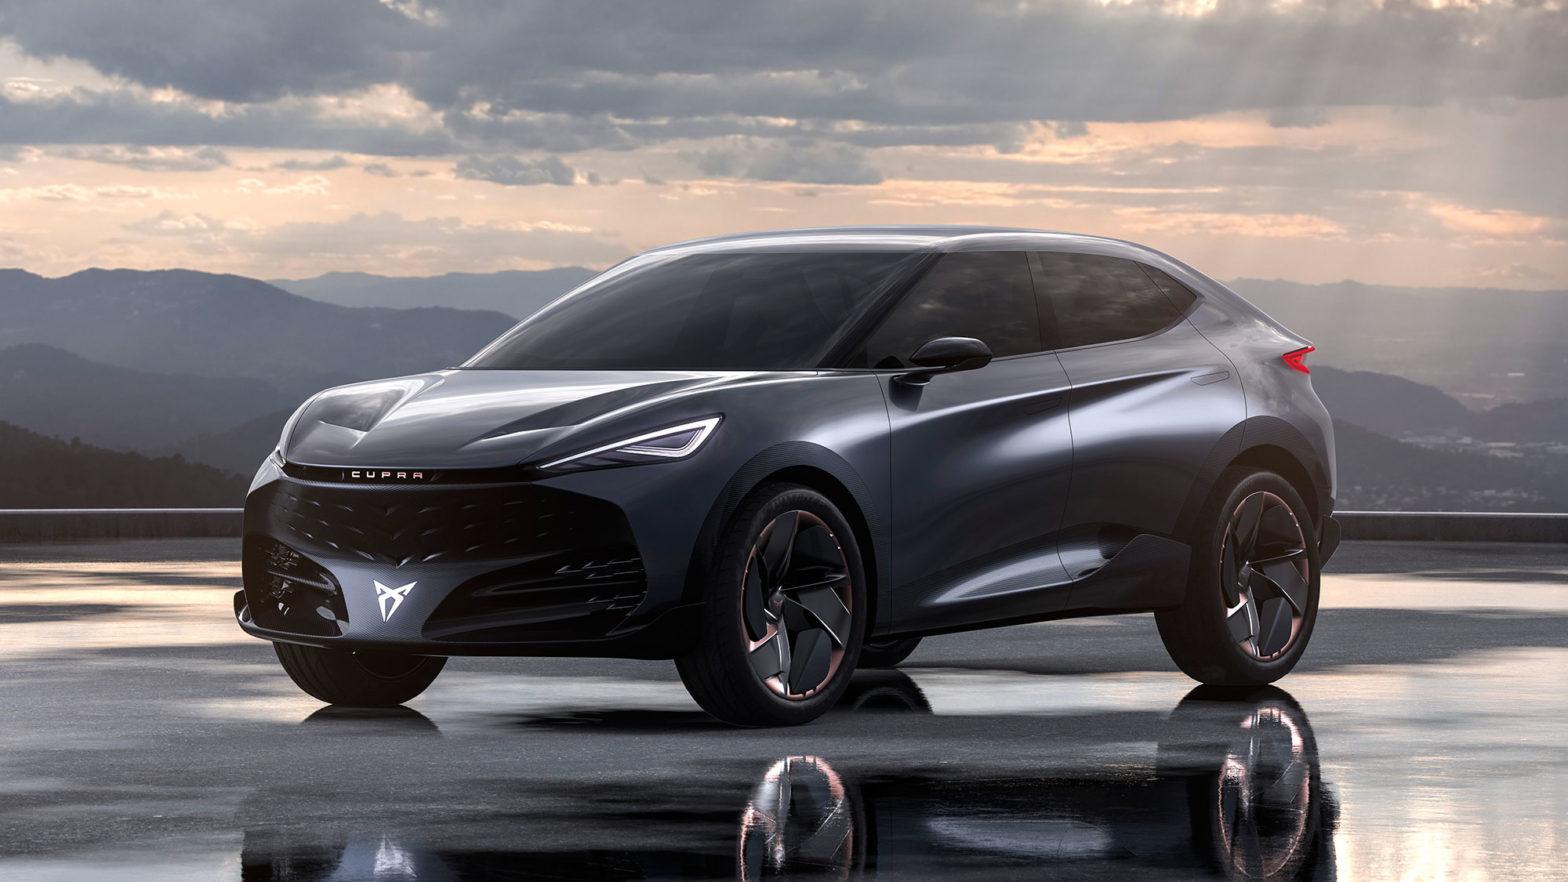 CUPRA Tavascan Concept SUV EV